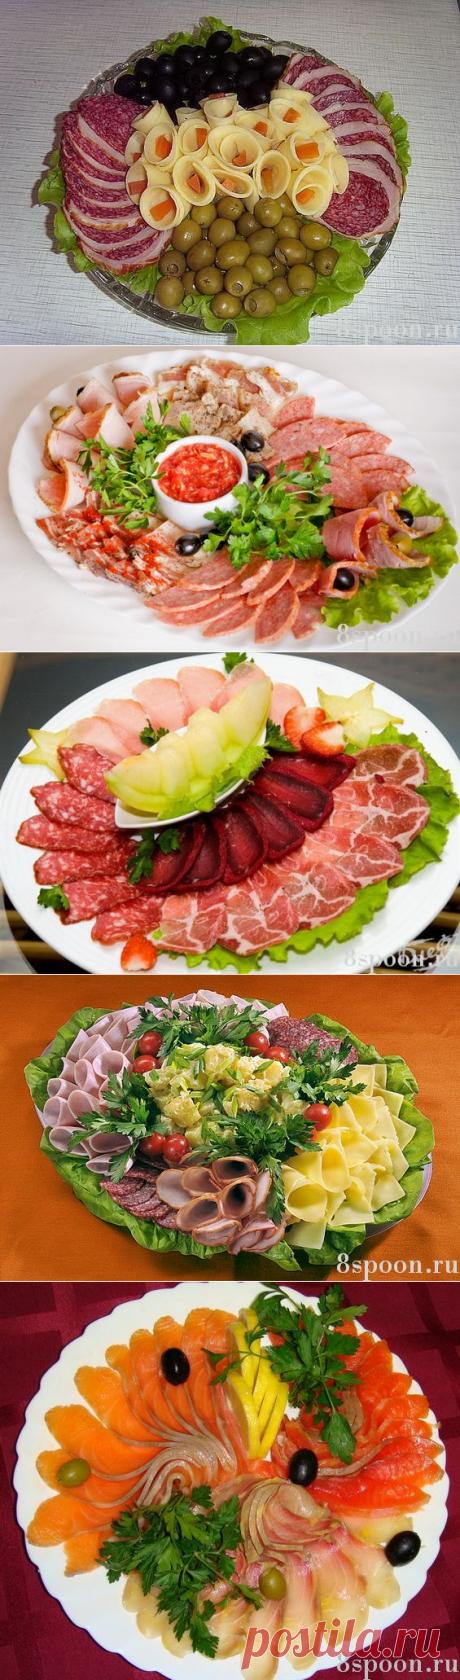 Красивая мясная нарезка: идеи, фото, примеры оформления и подачи - 8 Ложек